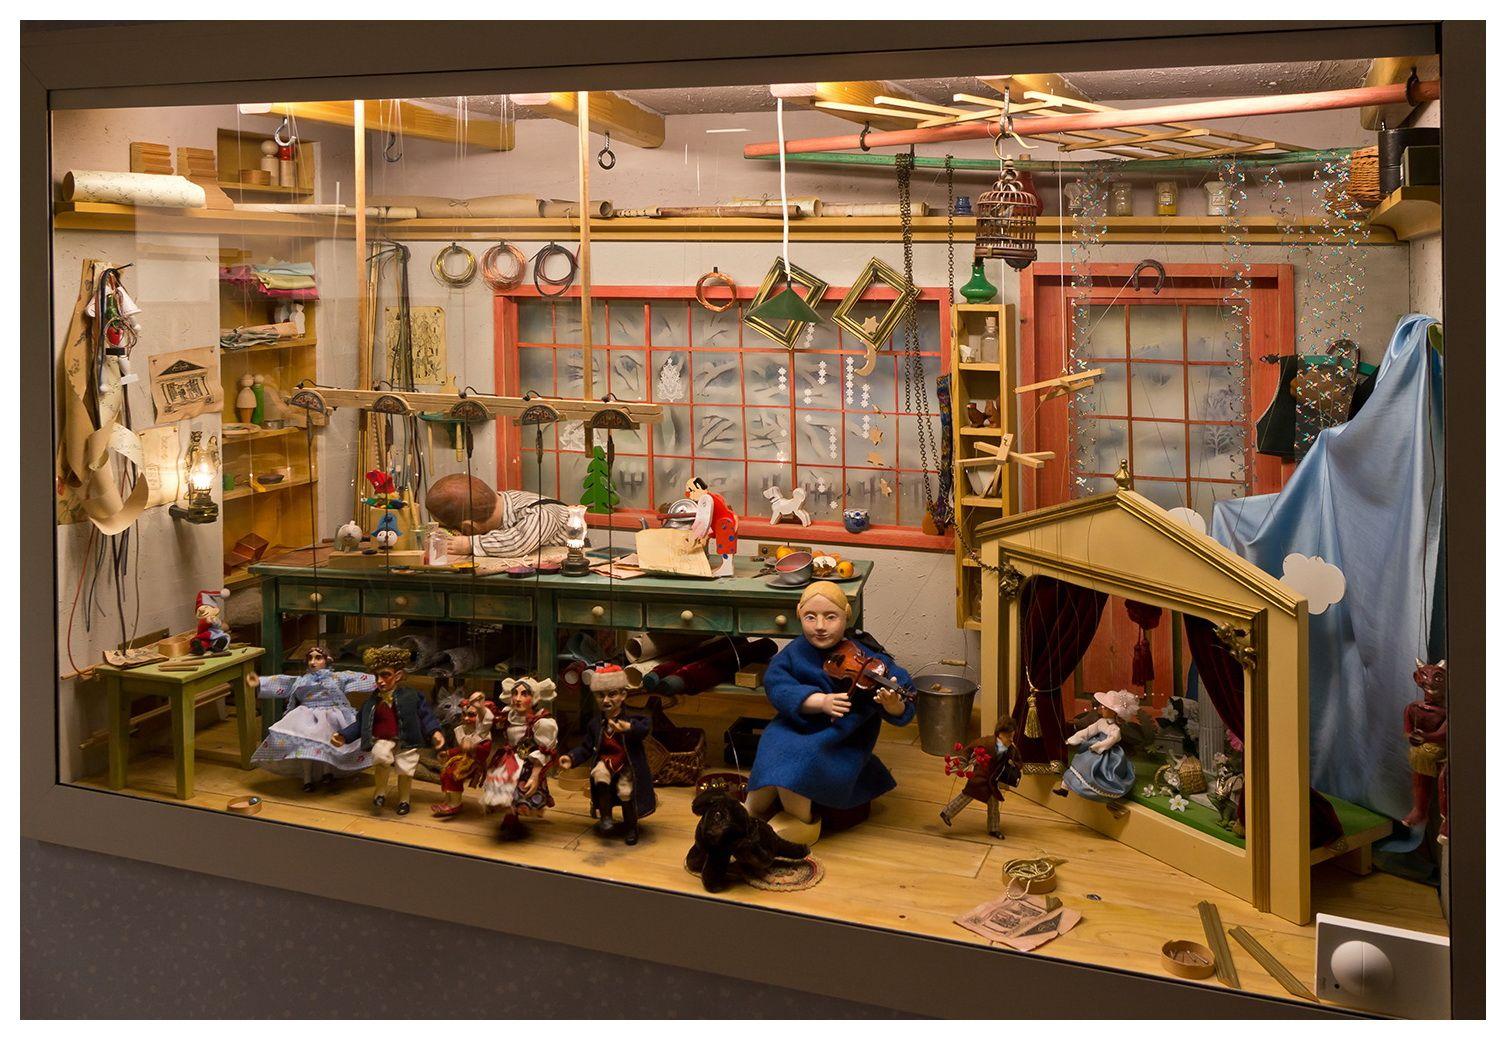 weihnachten im erzgebirge ausstellung im wasserschloss klaffenbach besuch im museum. Black Bedroom Furniture Sets. Home Design Ideas